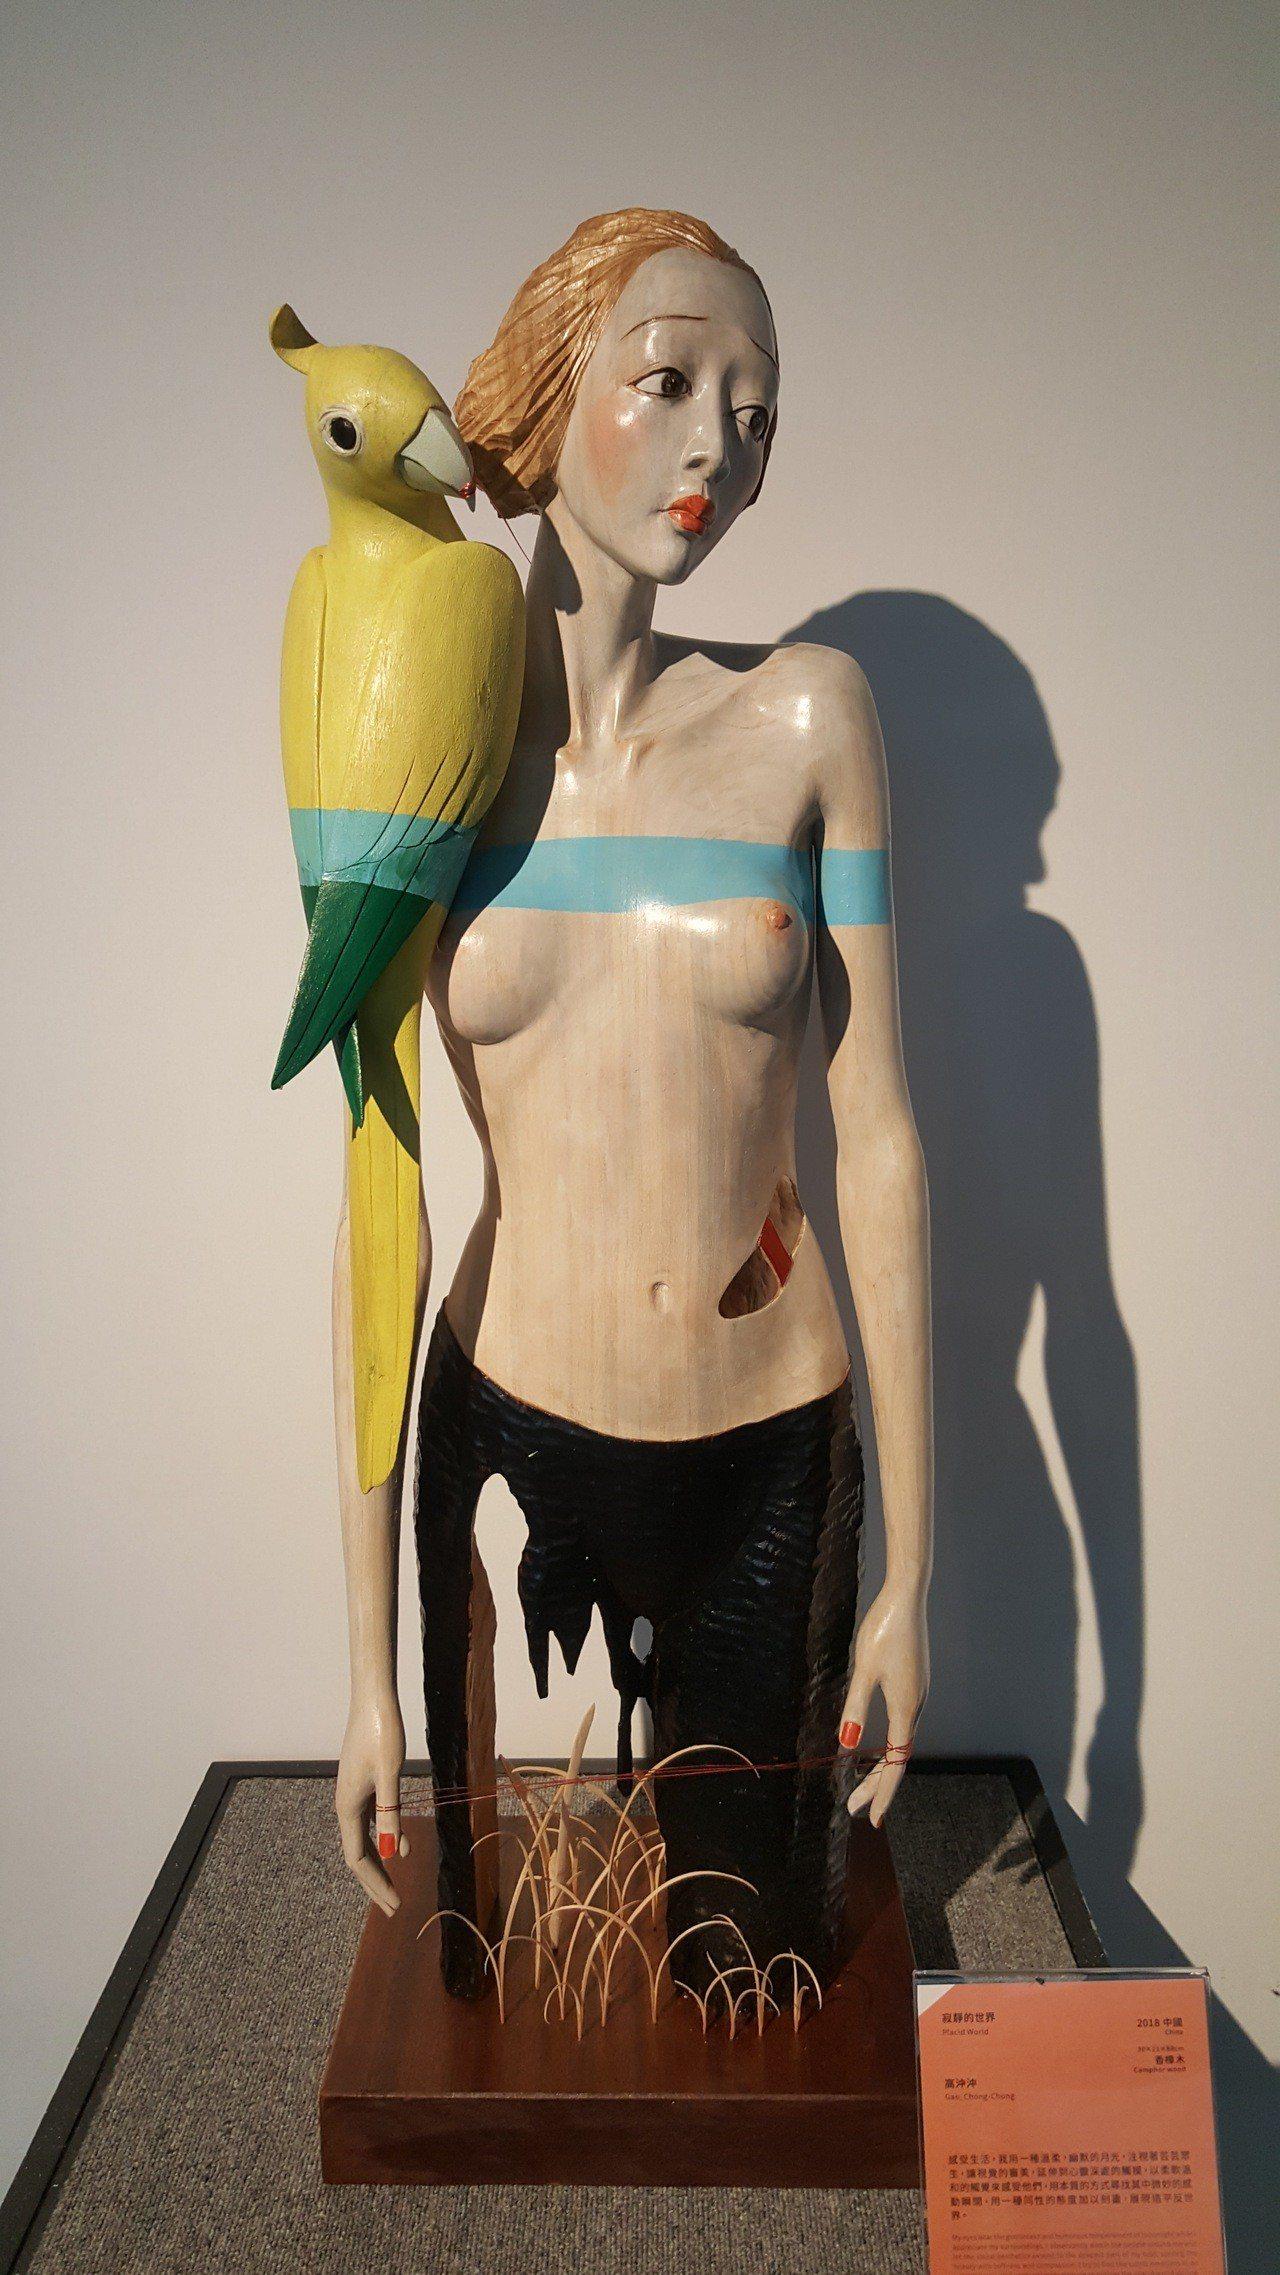 當代木雕大獎得主大陸高冲冲,作品「寂靜的世界」。記者胡蓬生/攝影